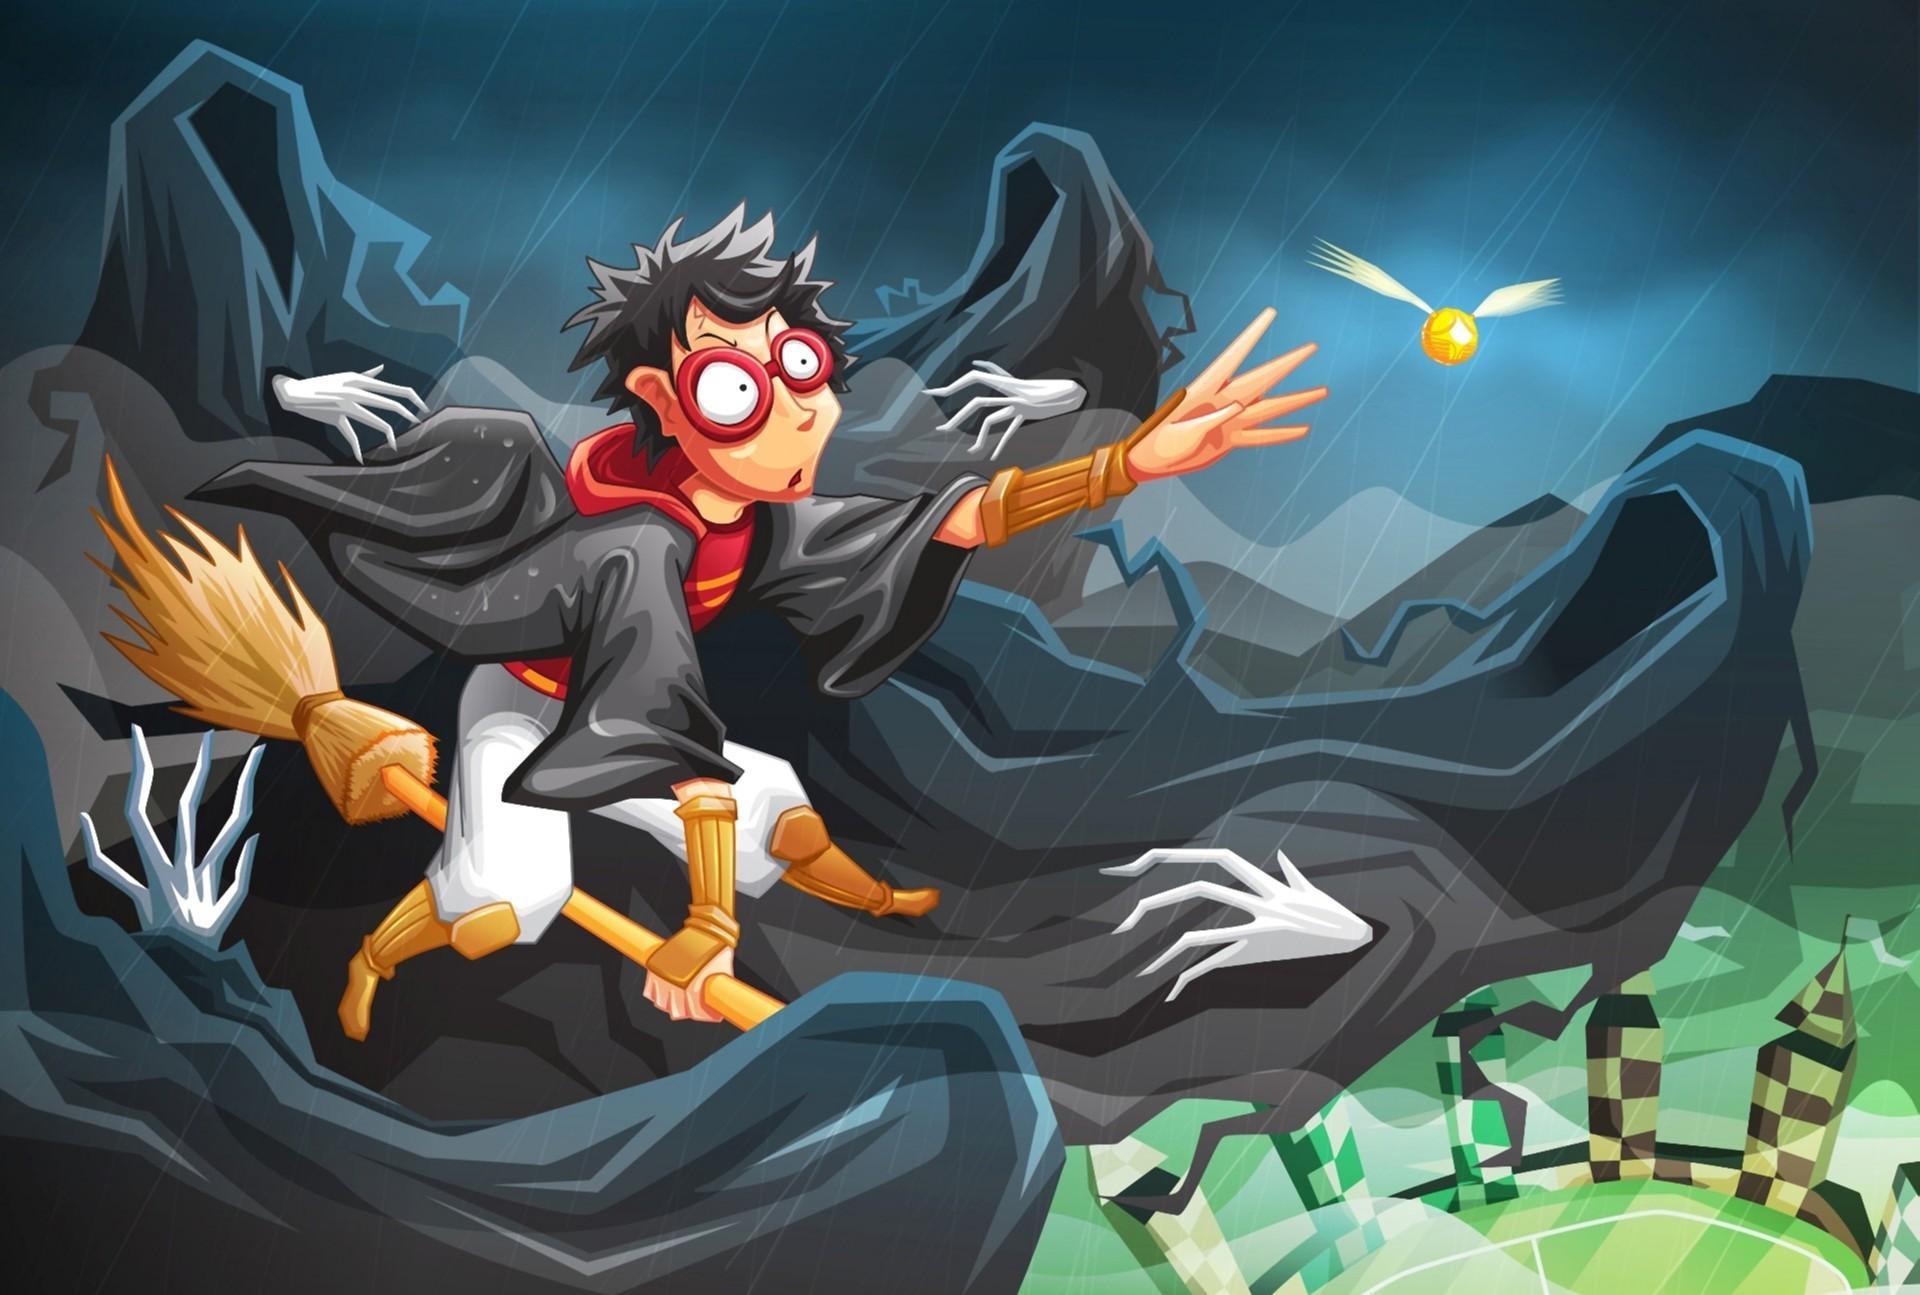 Harry Potter Desktop Background: Harry Potter Wallpaper For Desktop (72+ Images